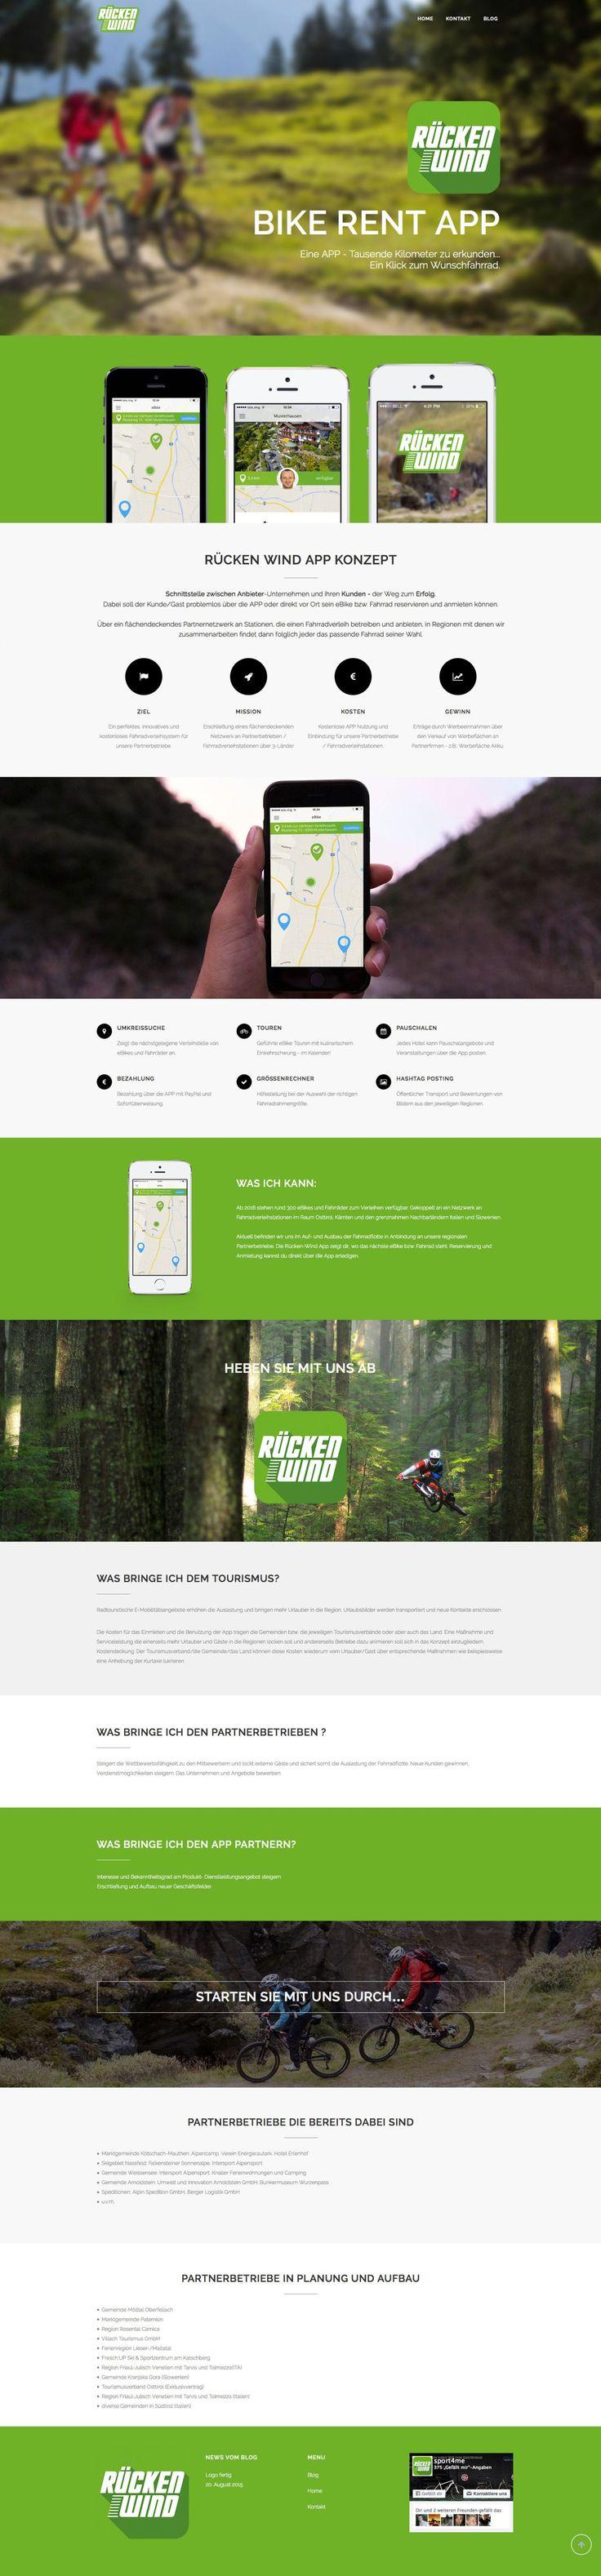 Lovely Die beste kostenlose App zur Miete von E Bikes E Scooters und andere